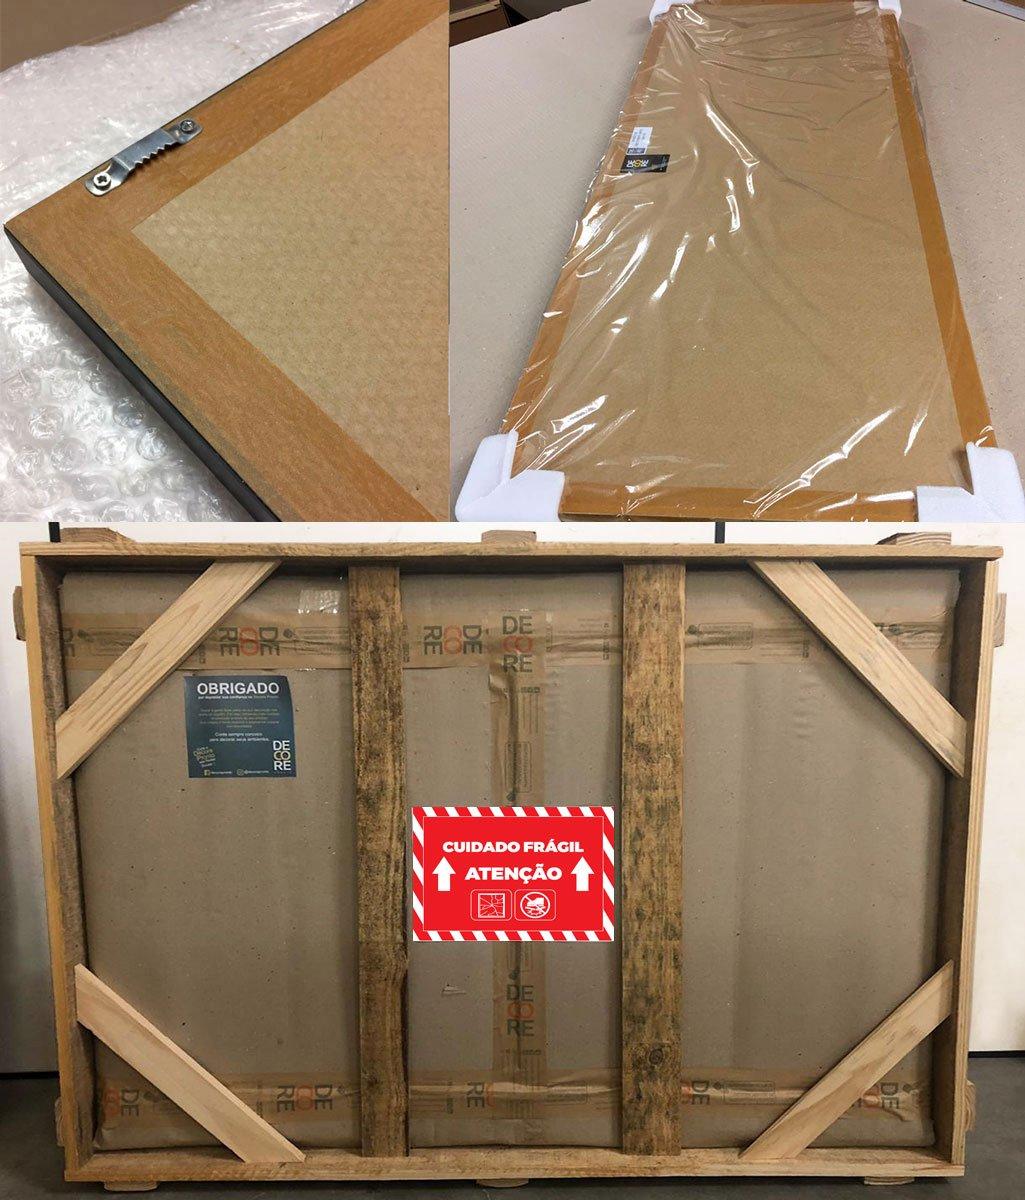 Papel Kraft, cantoneiras de papelão duplo ou polietileno, plástico termo encolhível, plástico bolha, caixa de papelão + armação de madeira e avisos de mercadoria frágil, para um transporte ainda mais seguro contra avarias.